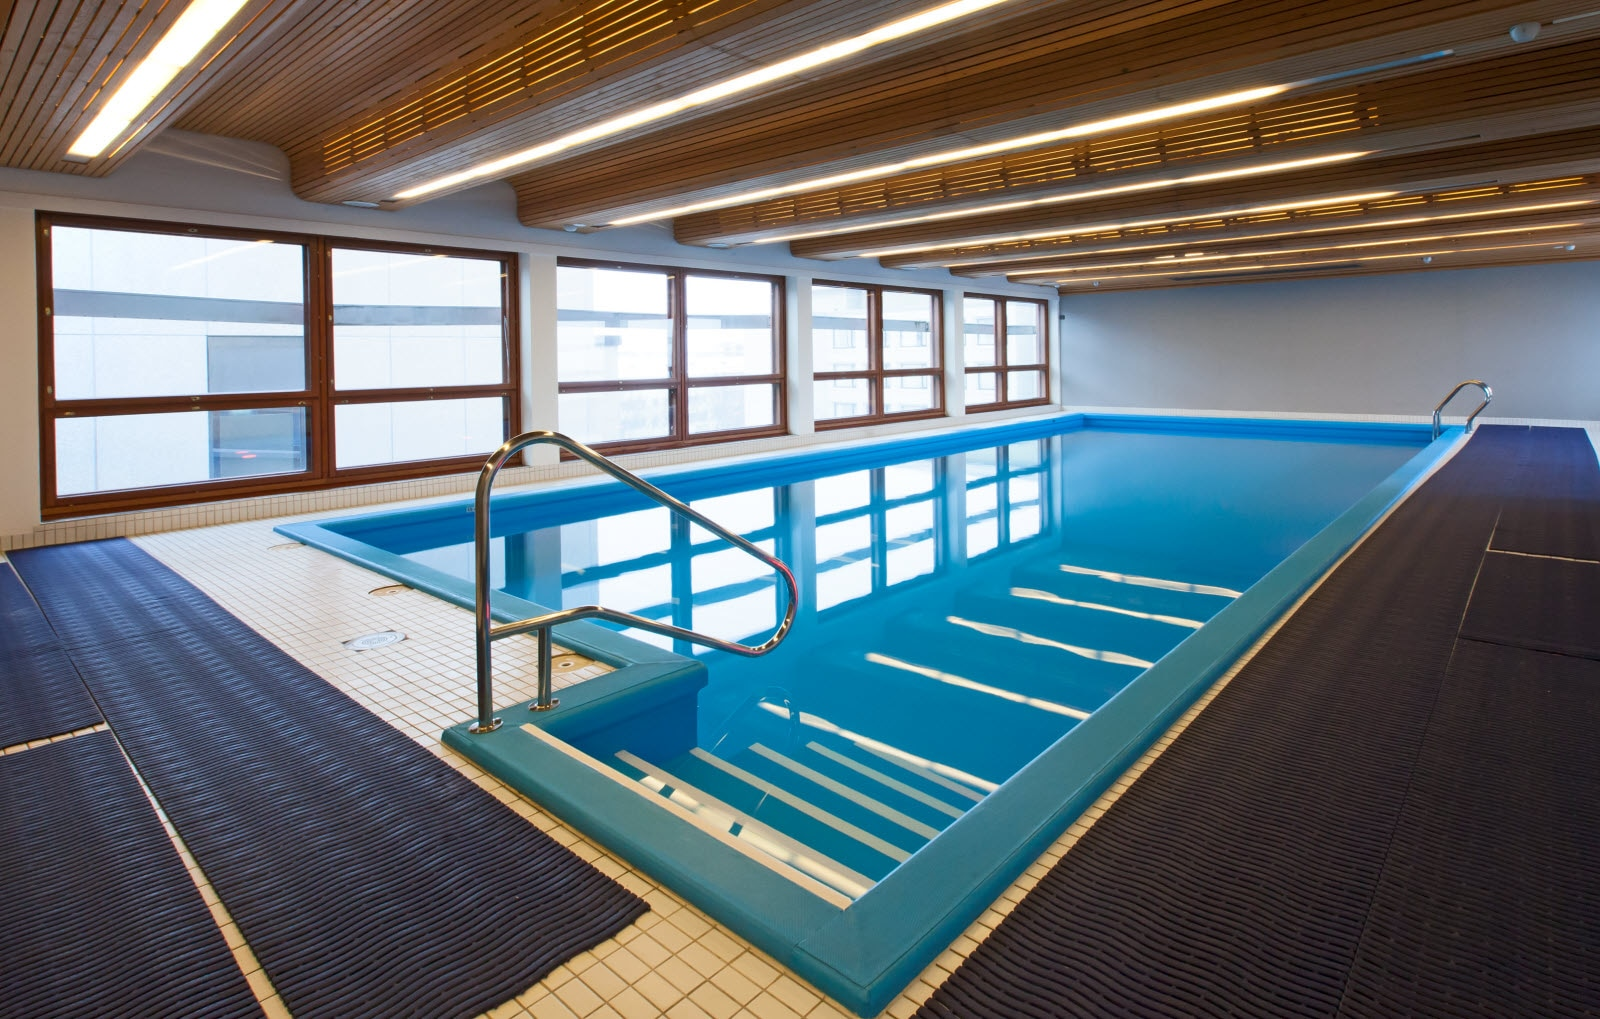 hotell i sverige med svømmebasseng